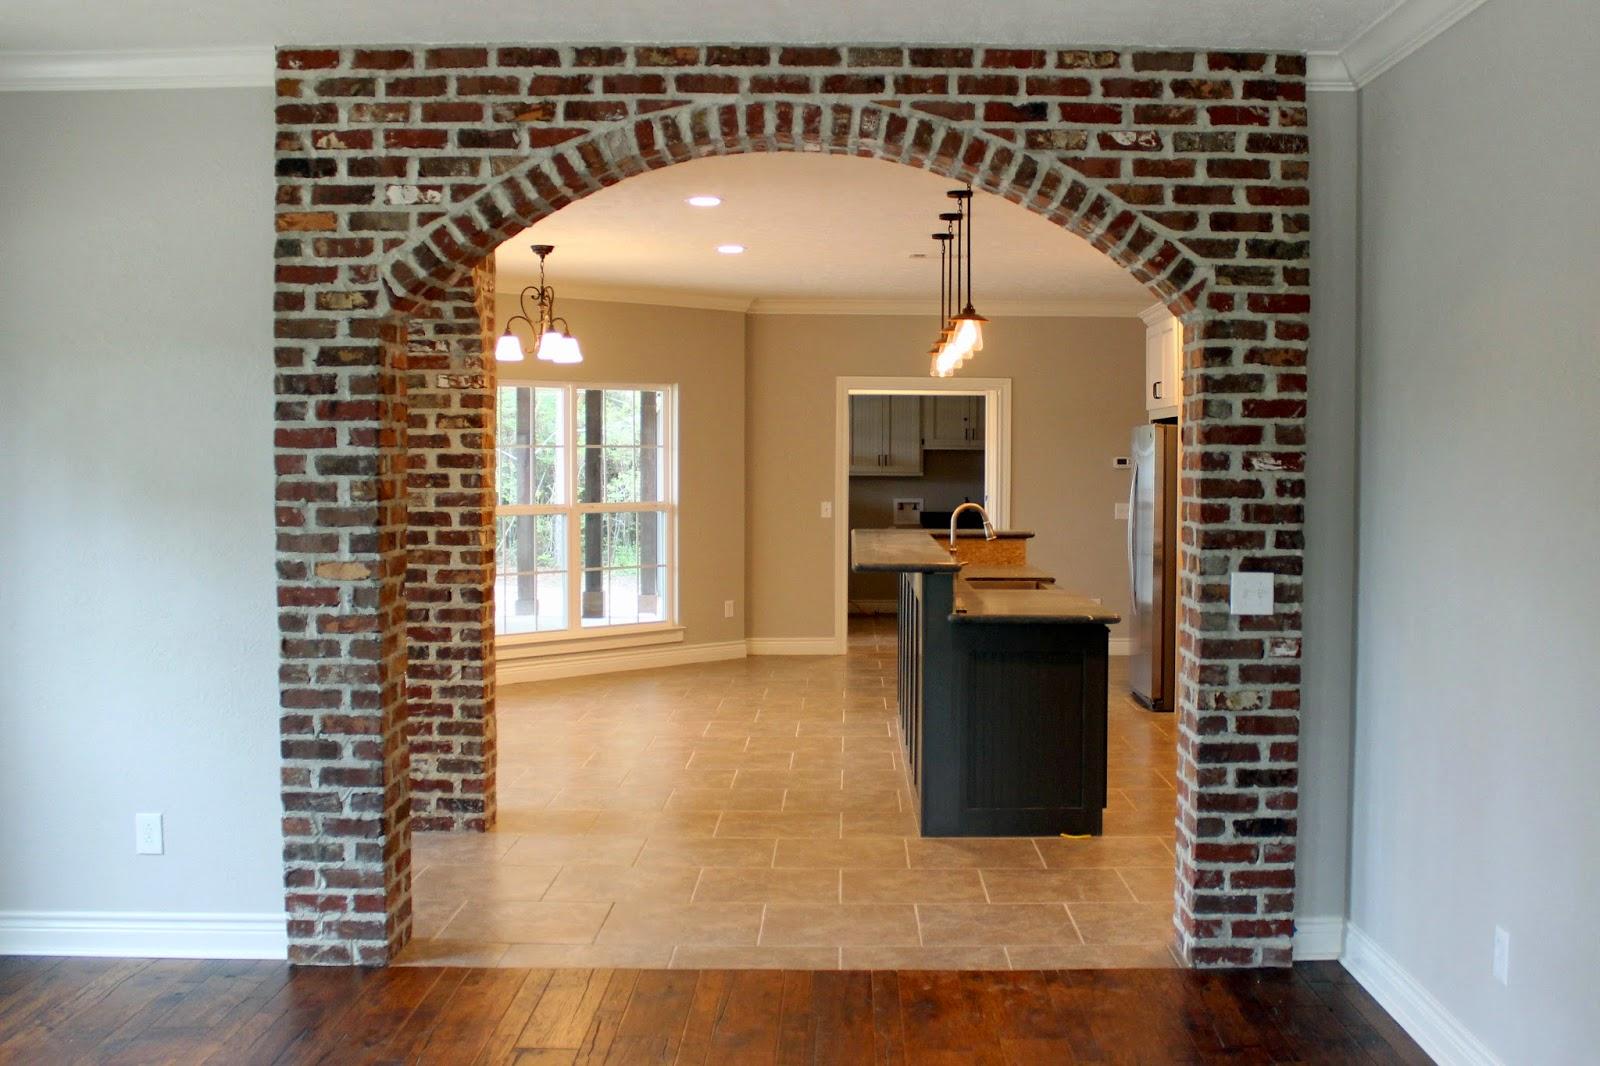 Linteau En Arc De Cercle arc de briques (23 photos): comment faire une arche de